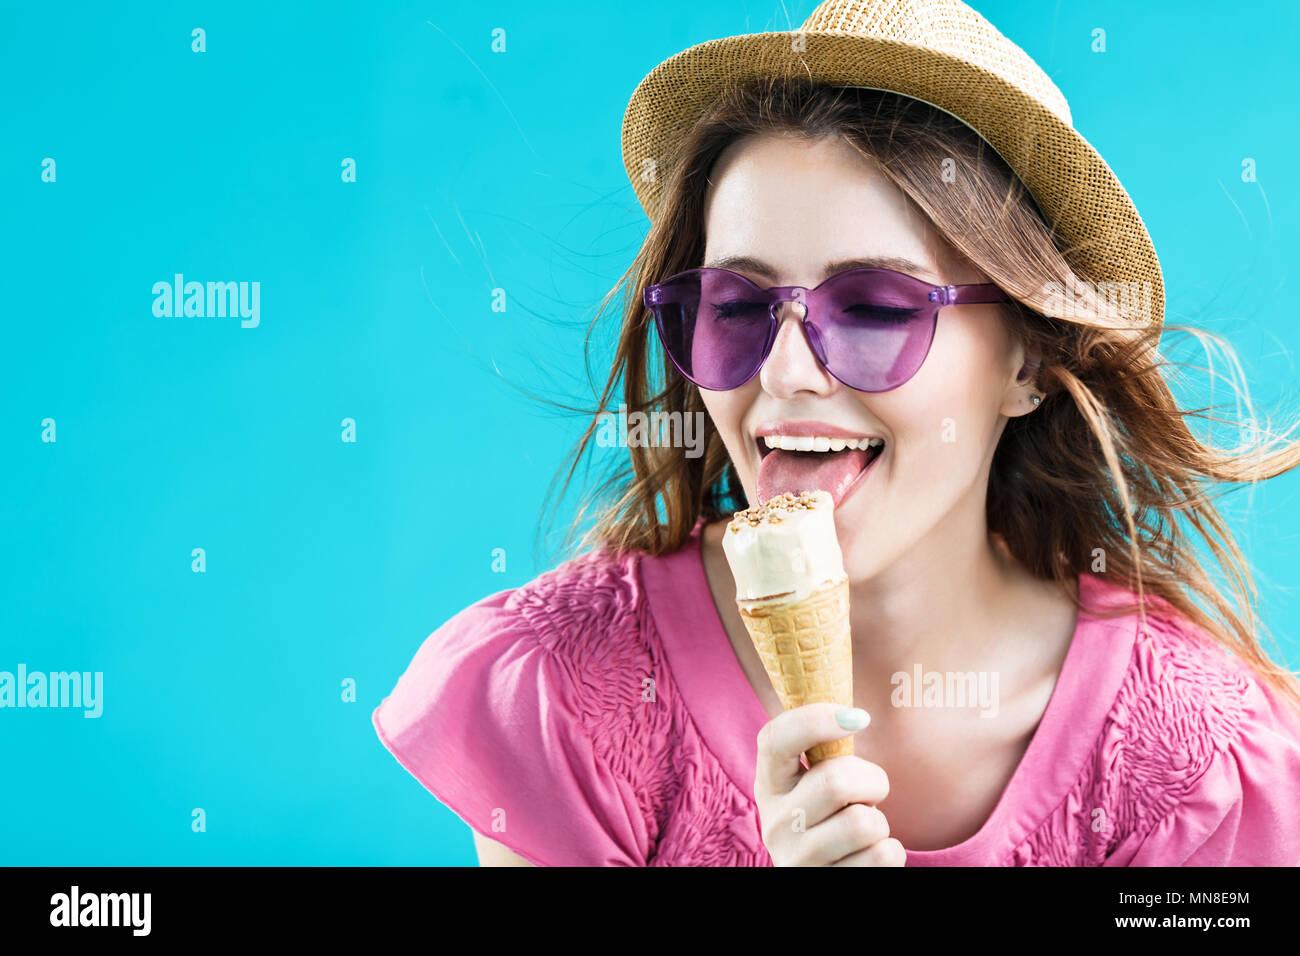 Très jolie jeune femme vêtue de rose shirt, chapeau et lunettes de soleil  lécher icecream b0745774273b